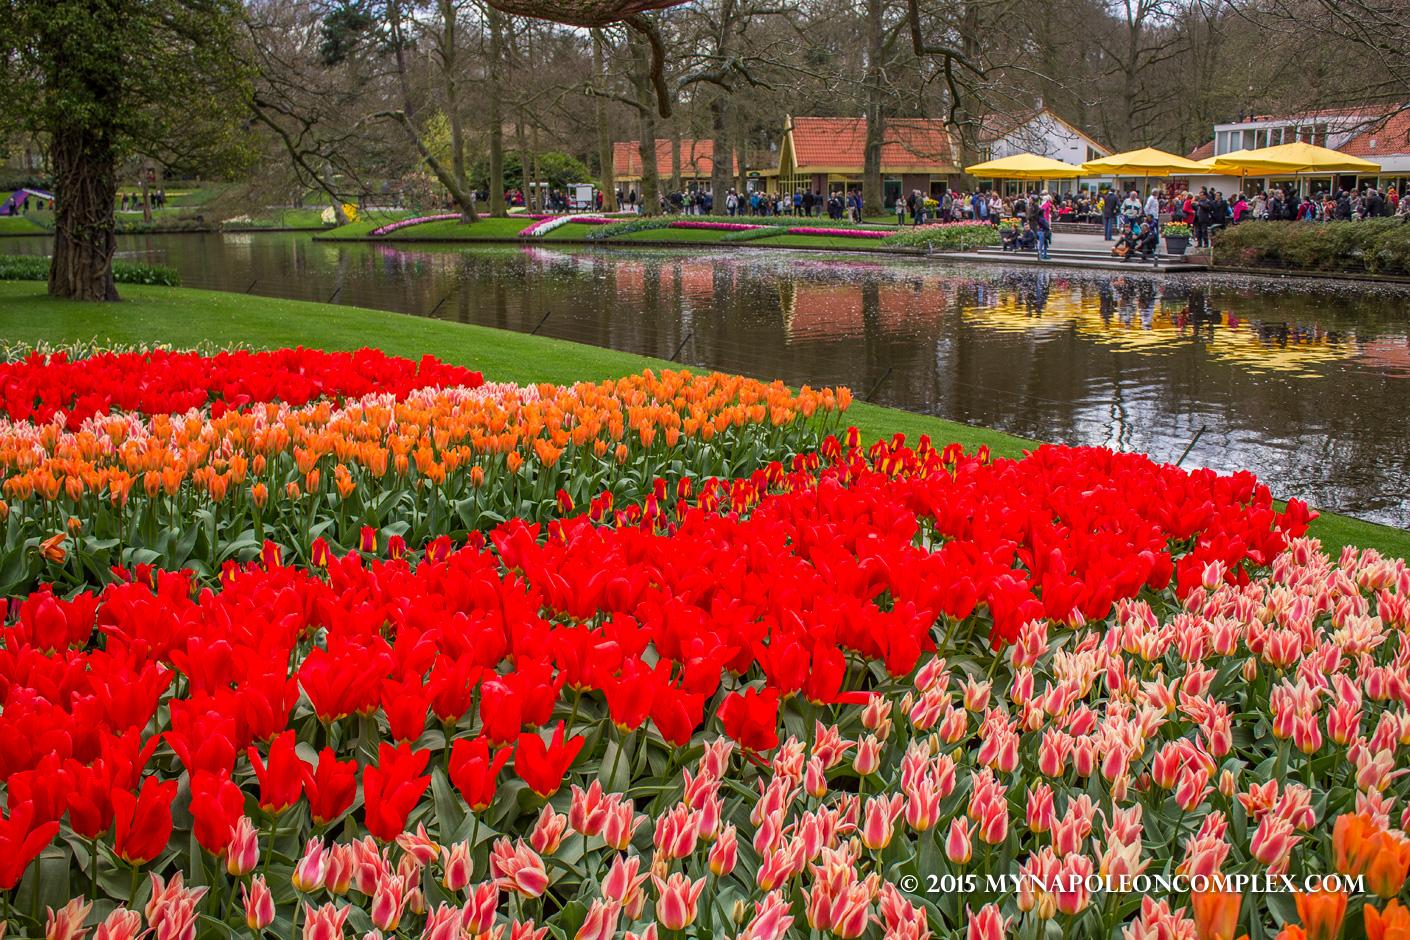 Picture of tulips in Keukenhof Garden, the Netherlands